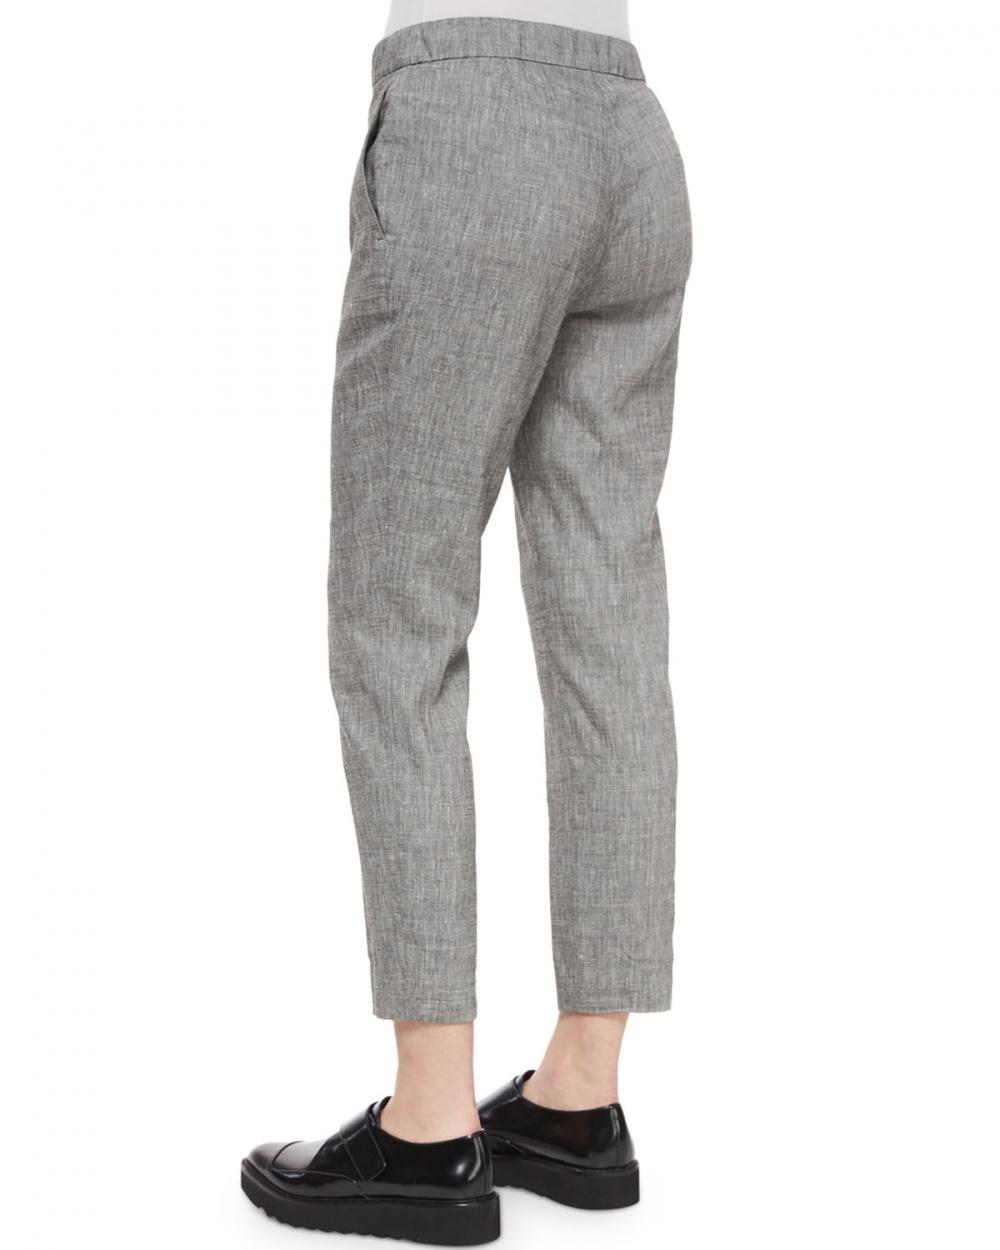 Новые льняные брюки Theory модель Thaniel, размер US10